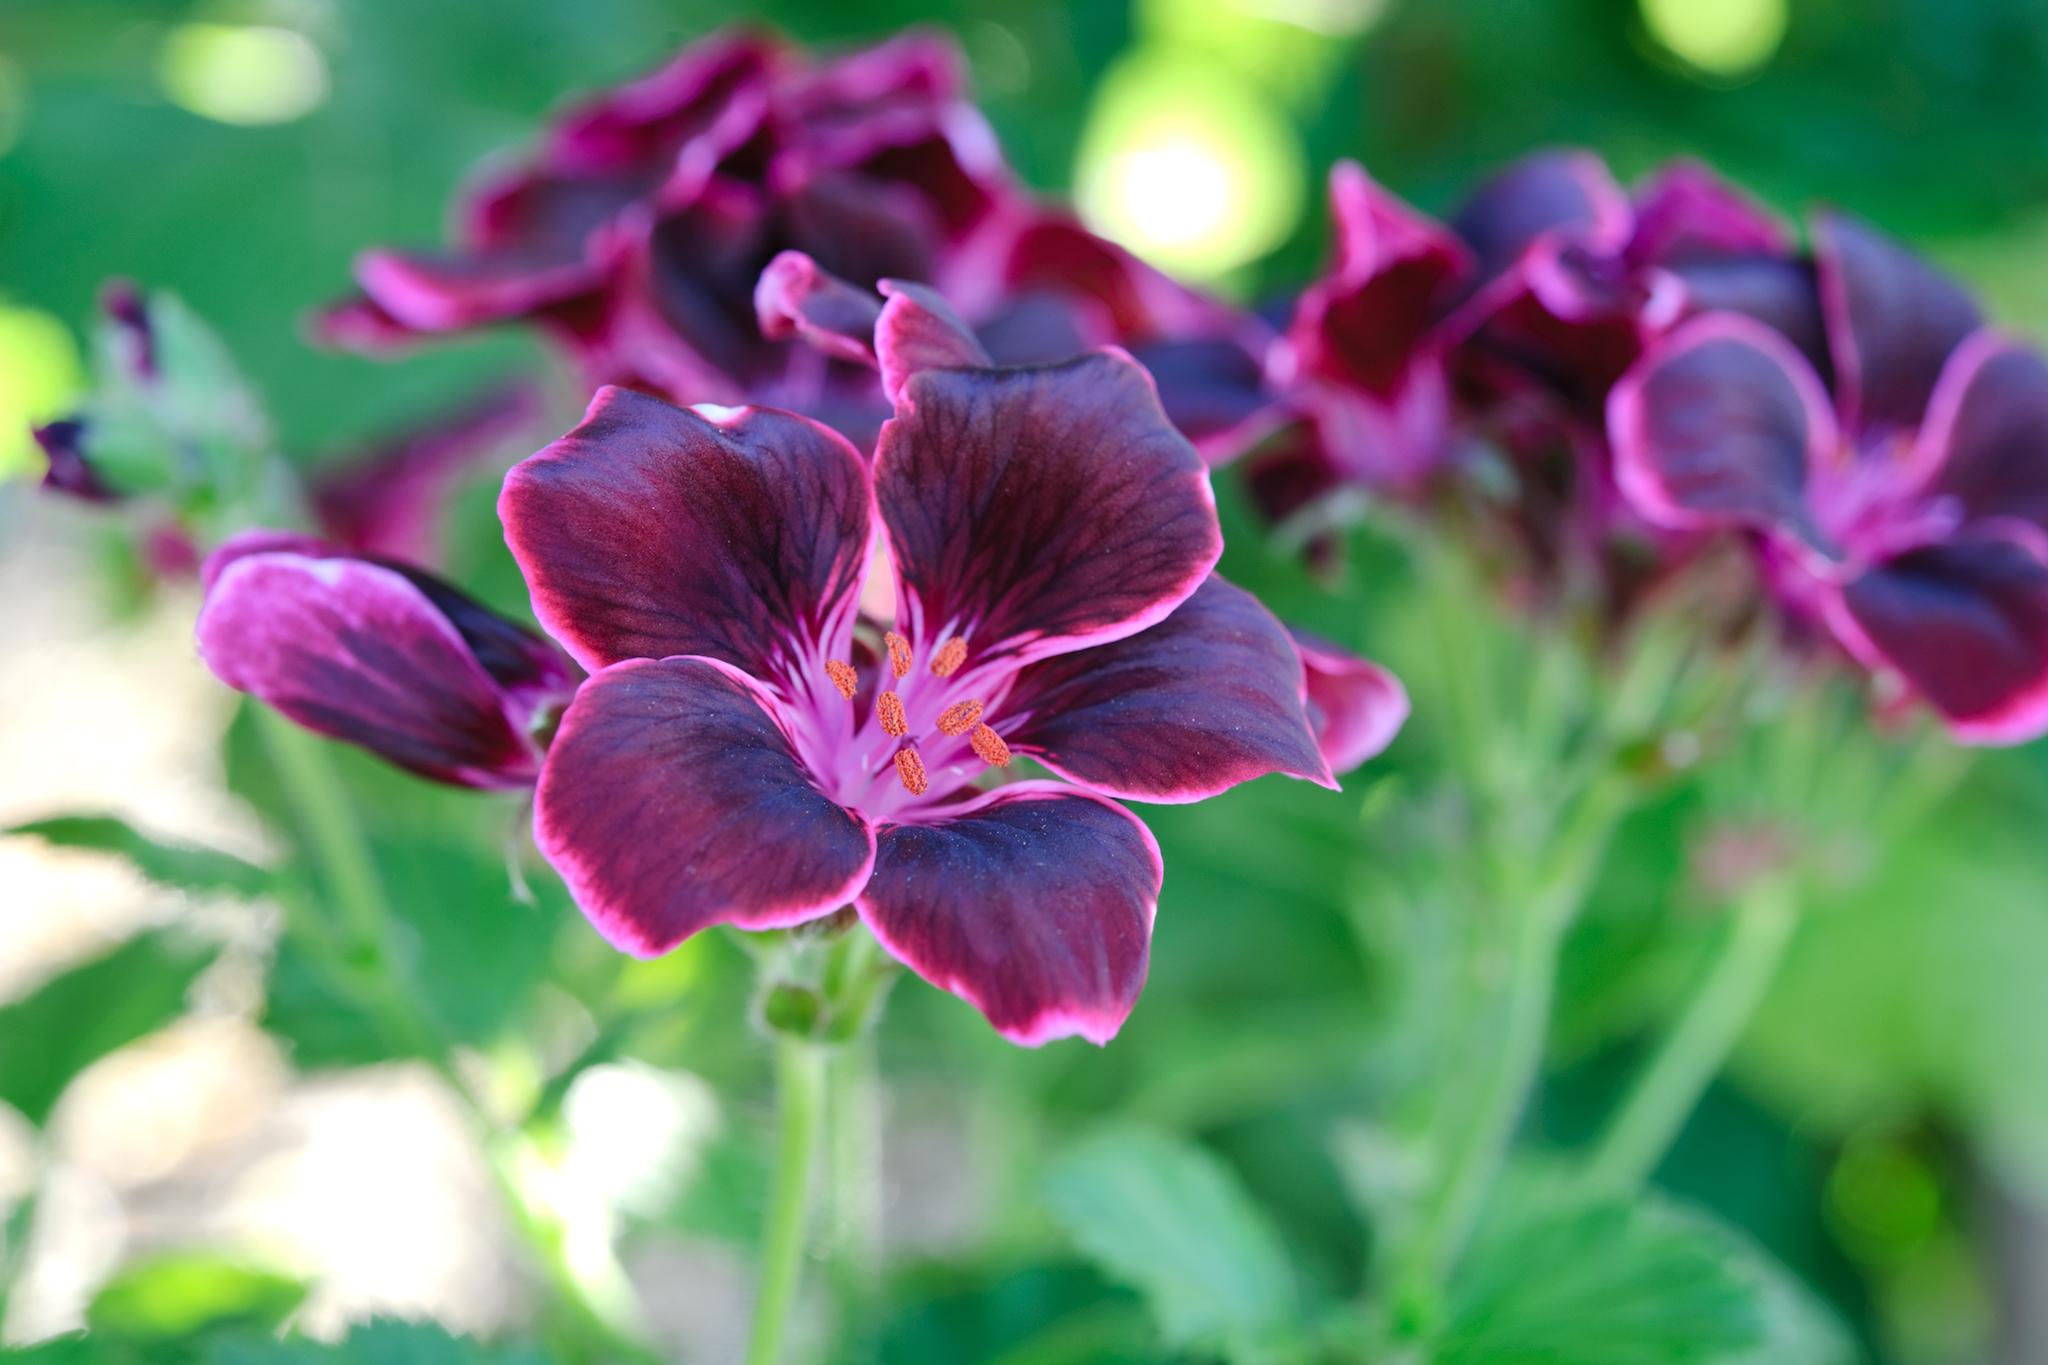 pelargonium-lord-bute-2